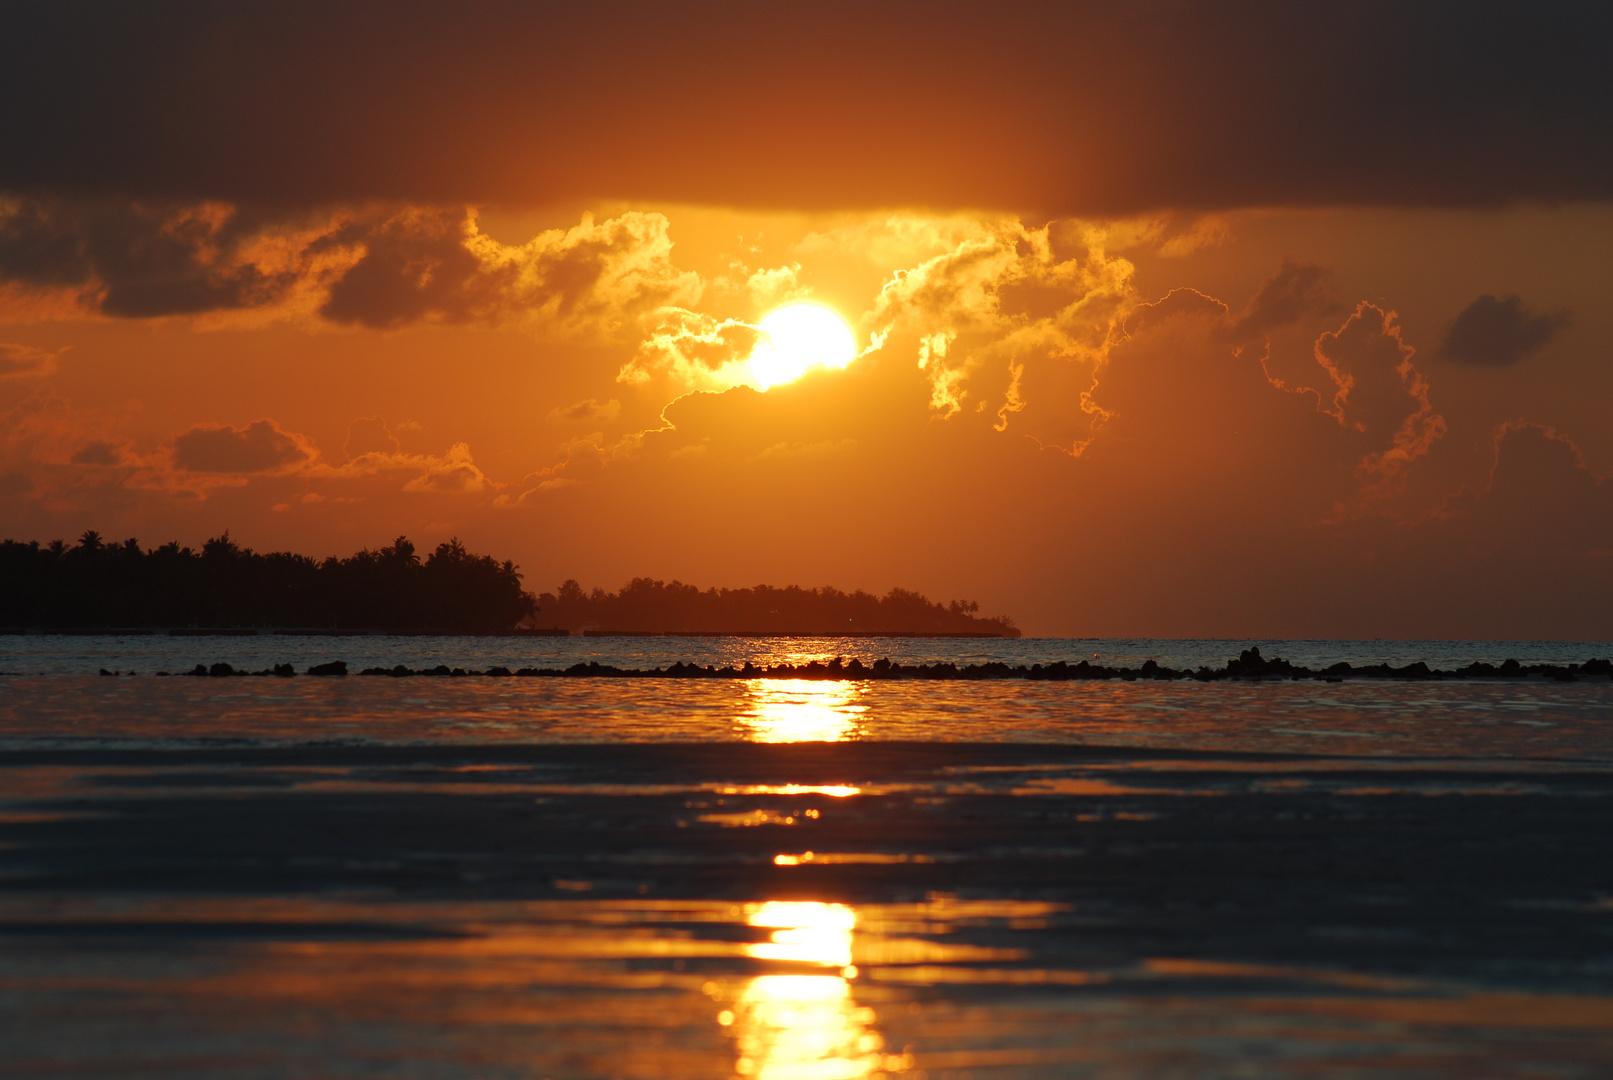 Sonnenuntergang Malediven 01/2011